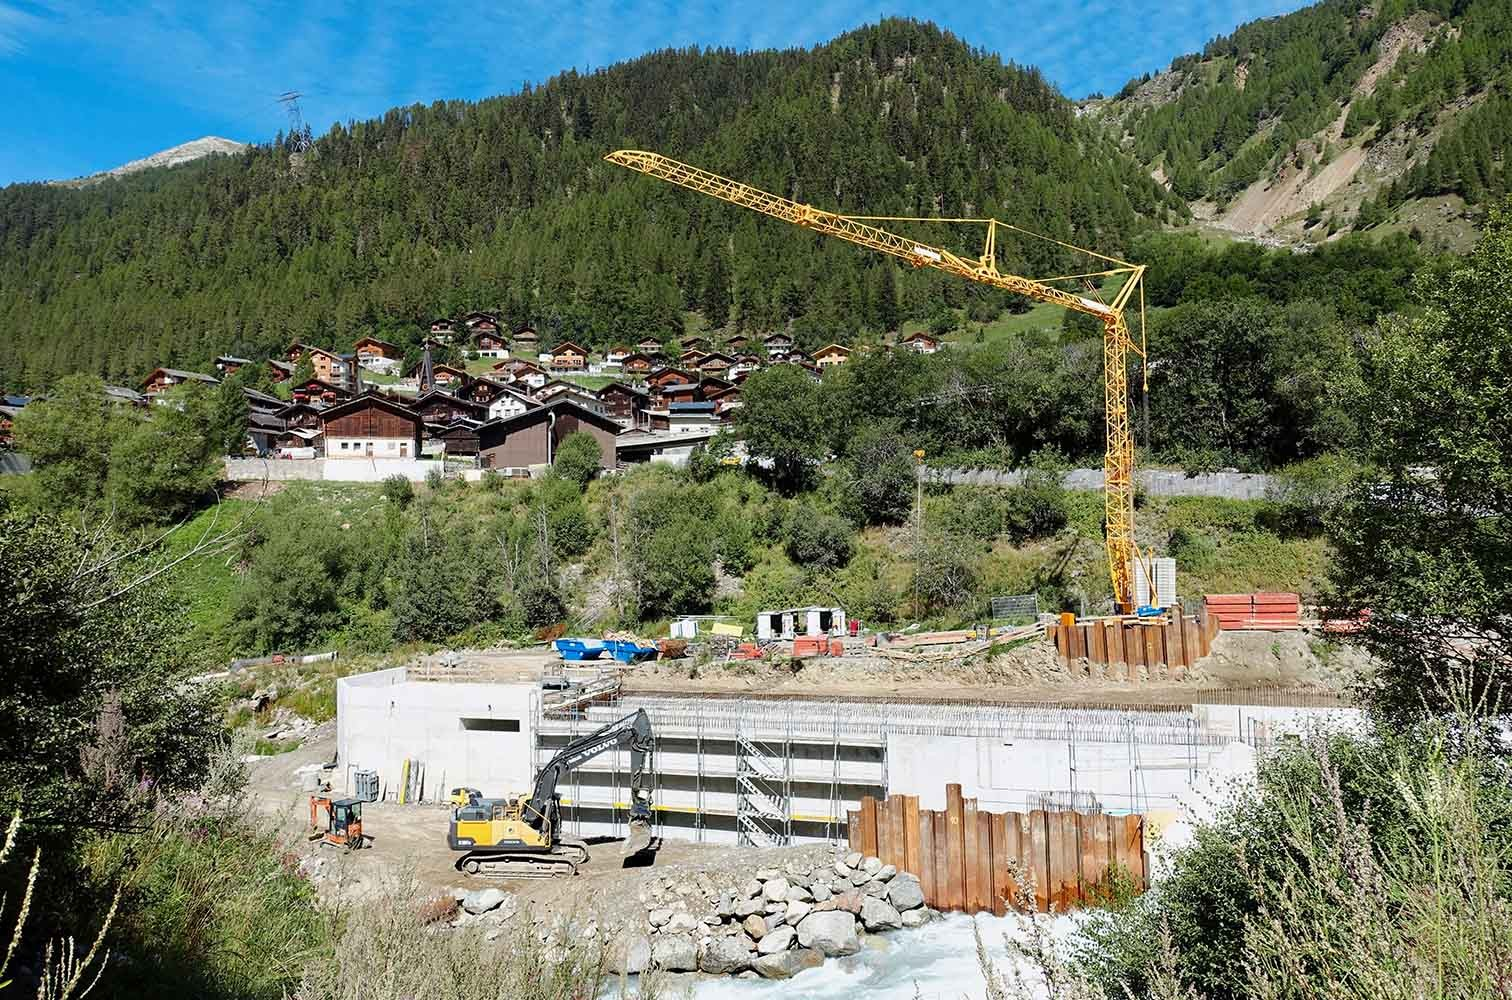 Wehr für die Wasserfassung des neuen Kraftwerks Wiler-Kippel VS